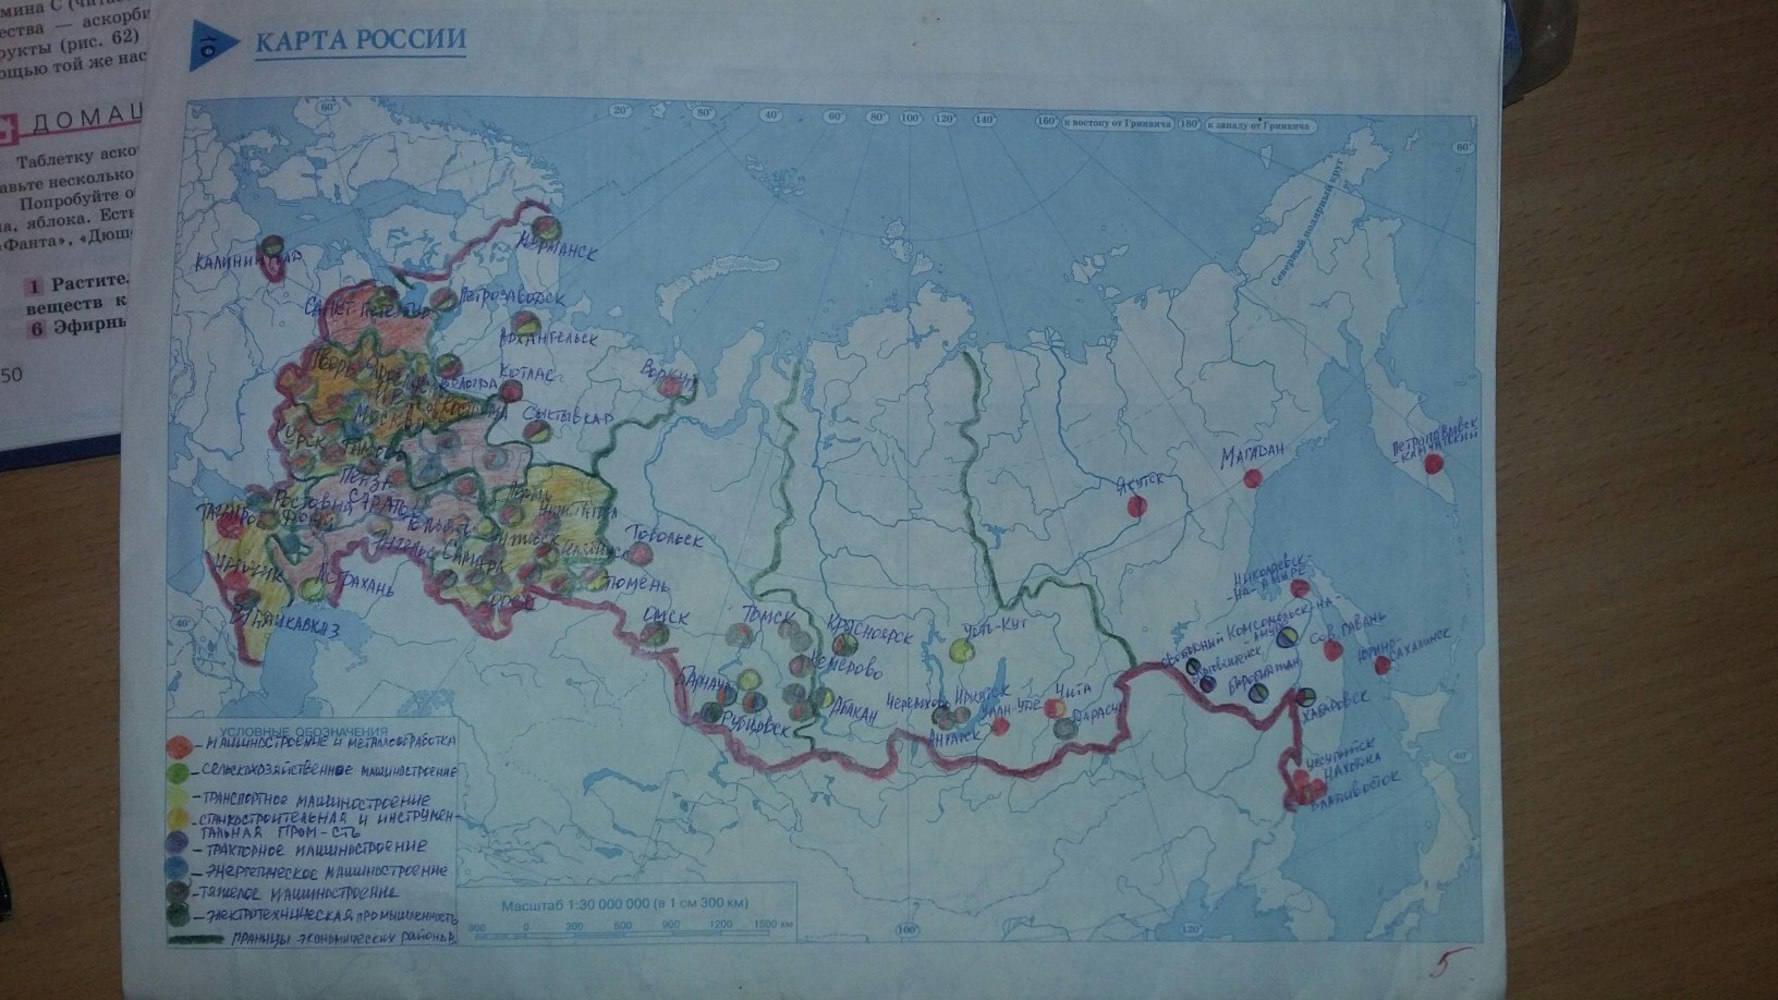 Население гдз карта класс контурная россии 9 карта